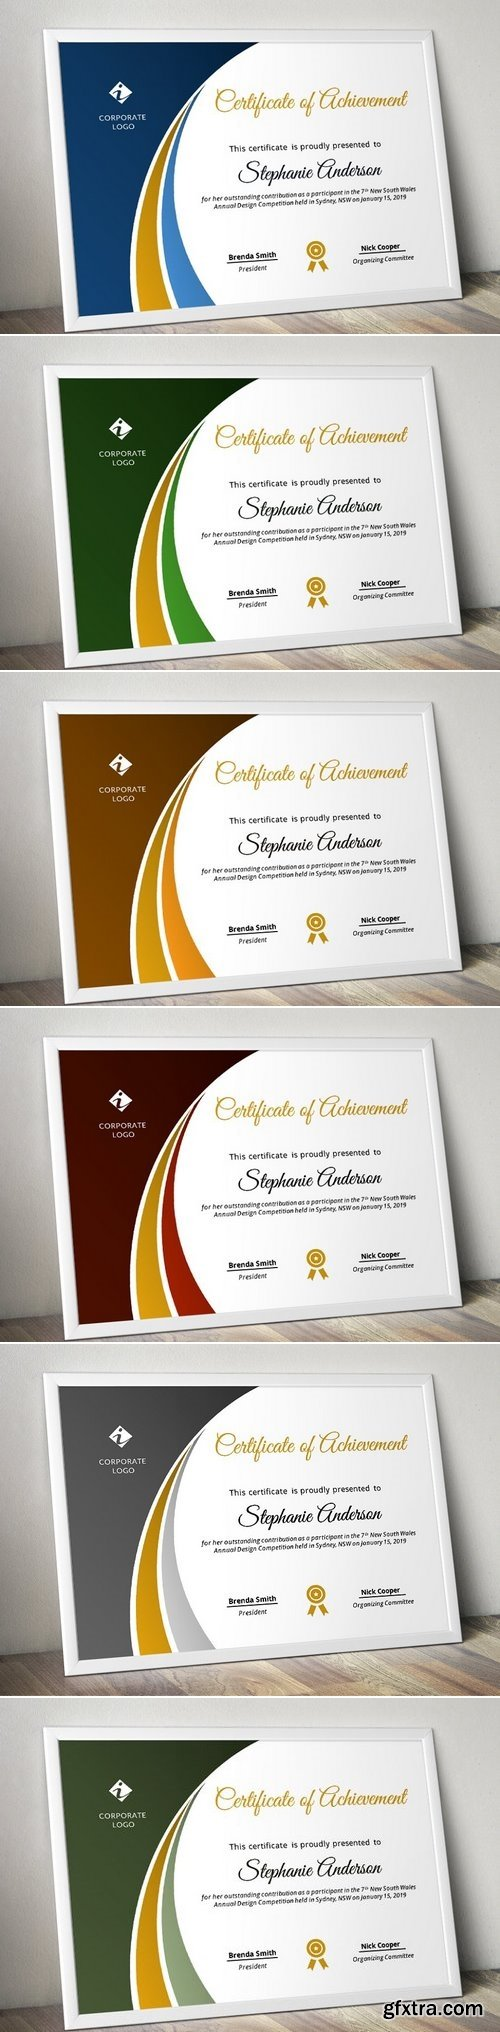 CM - Modern Certificate Template (pptx) 1563355